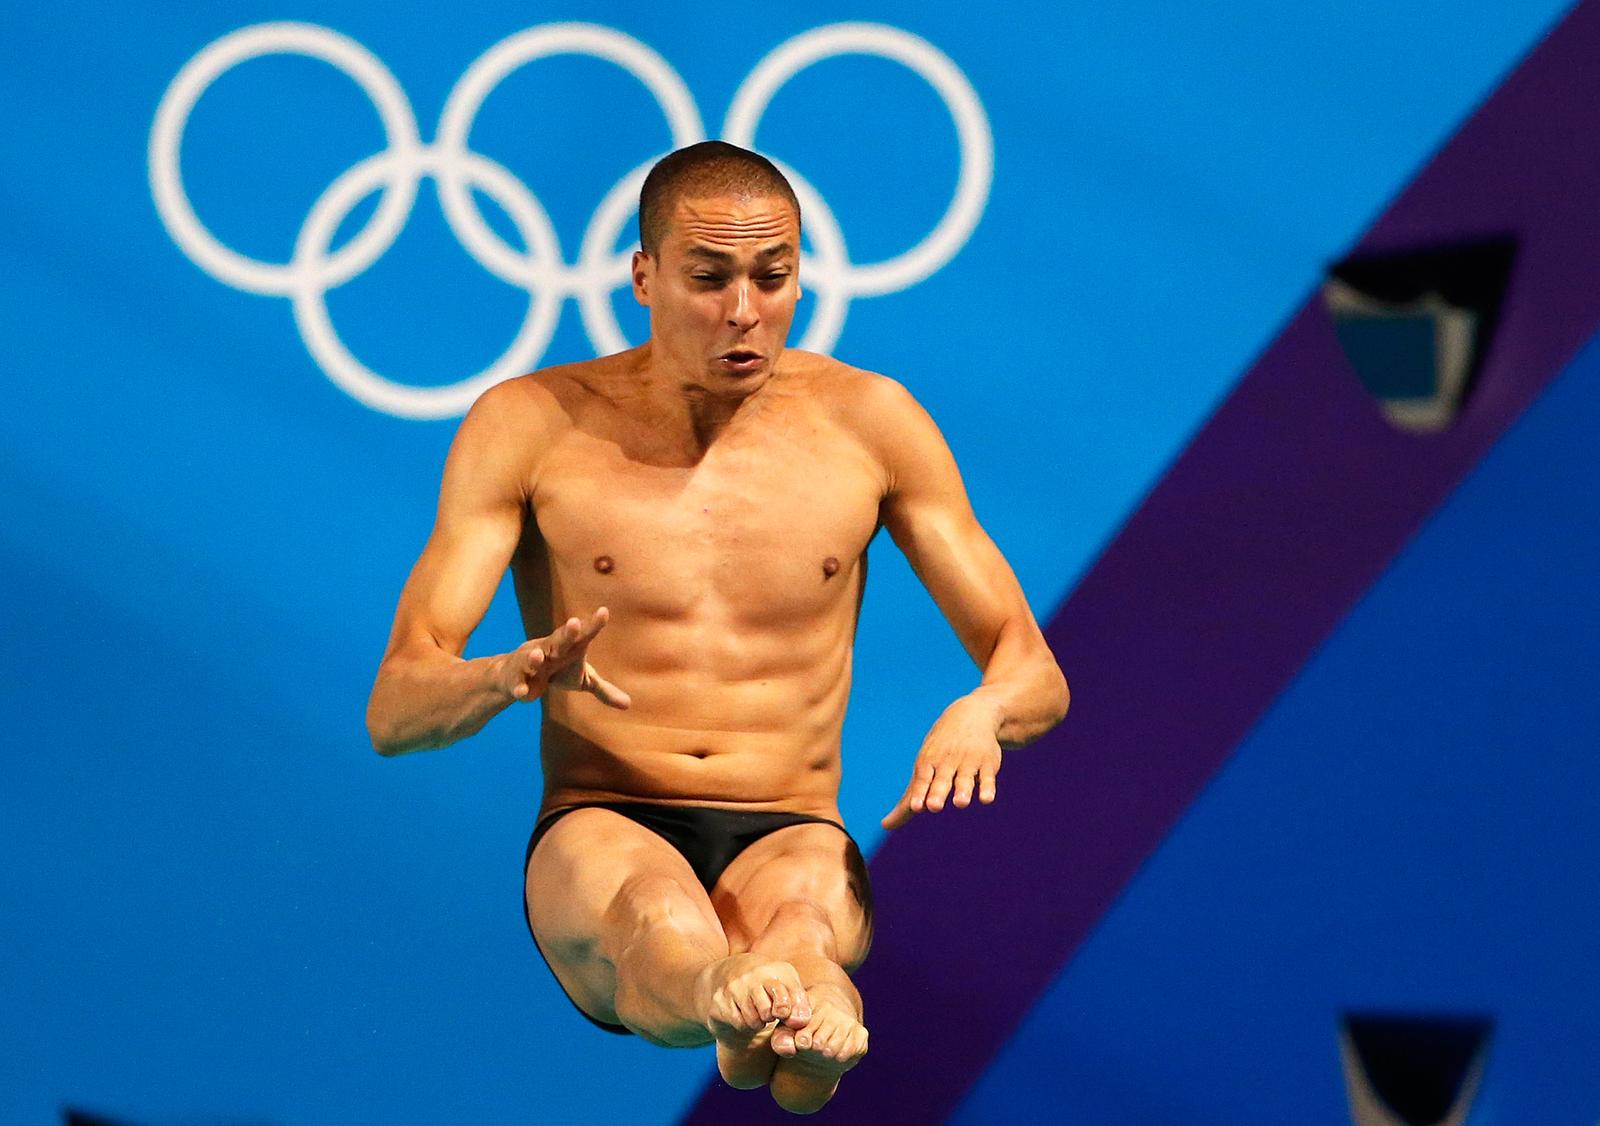 Бразилец Цезарь Кастро во время прыжка в воду